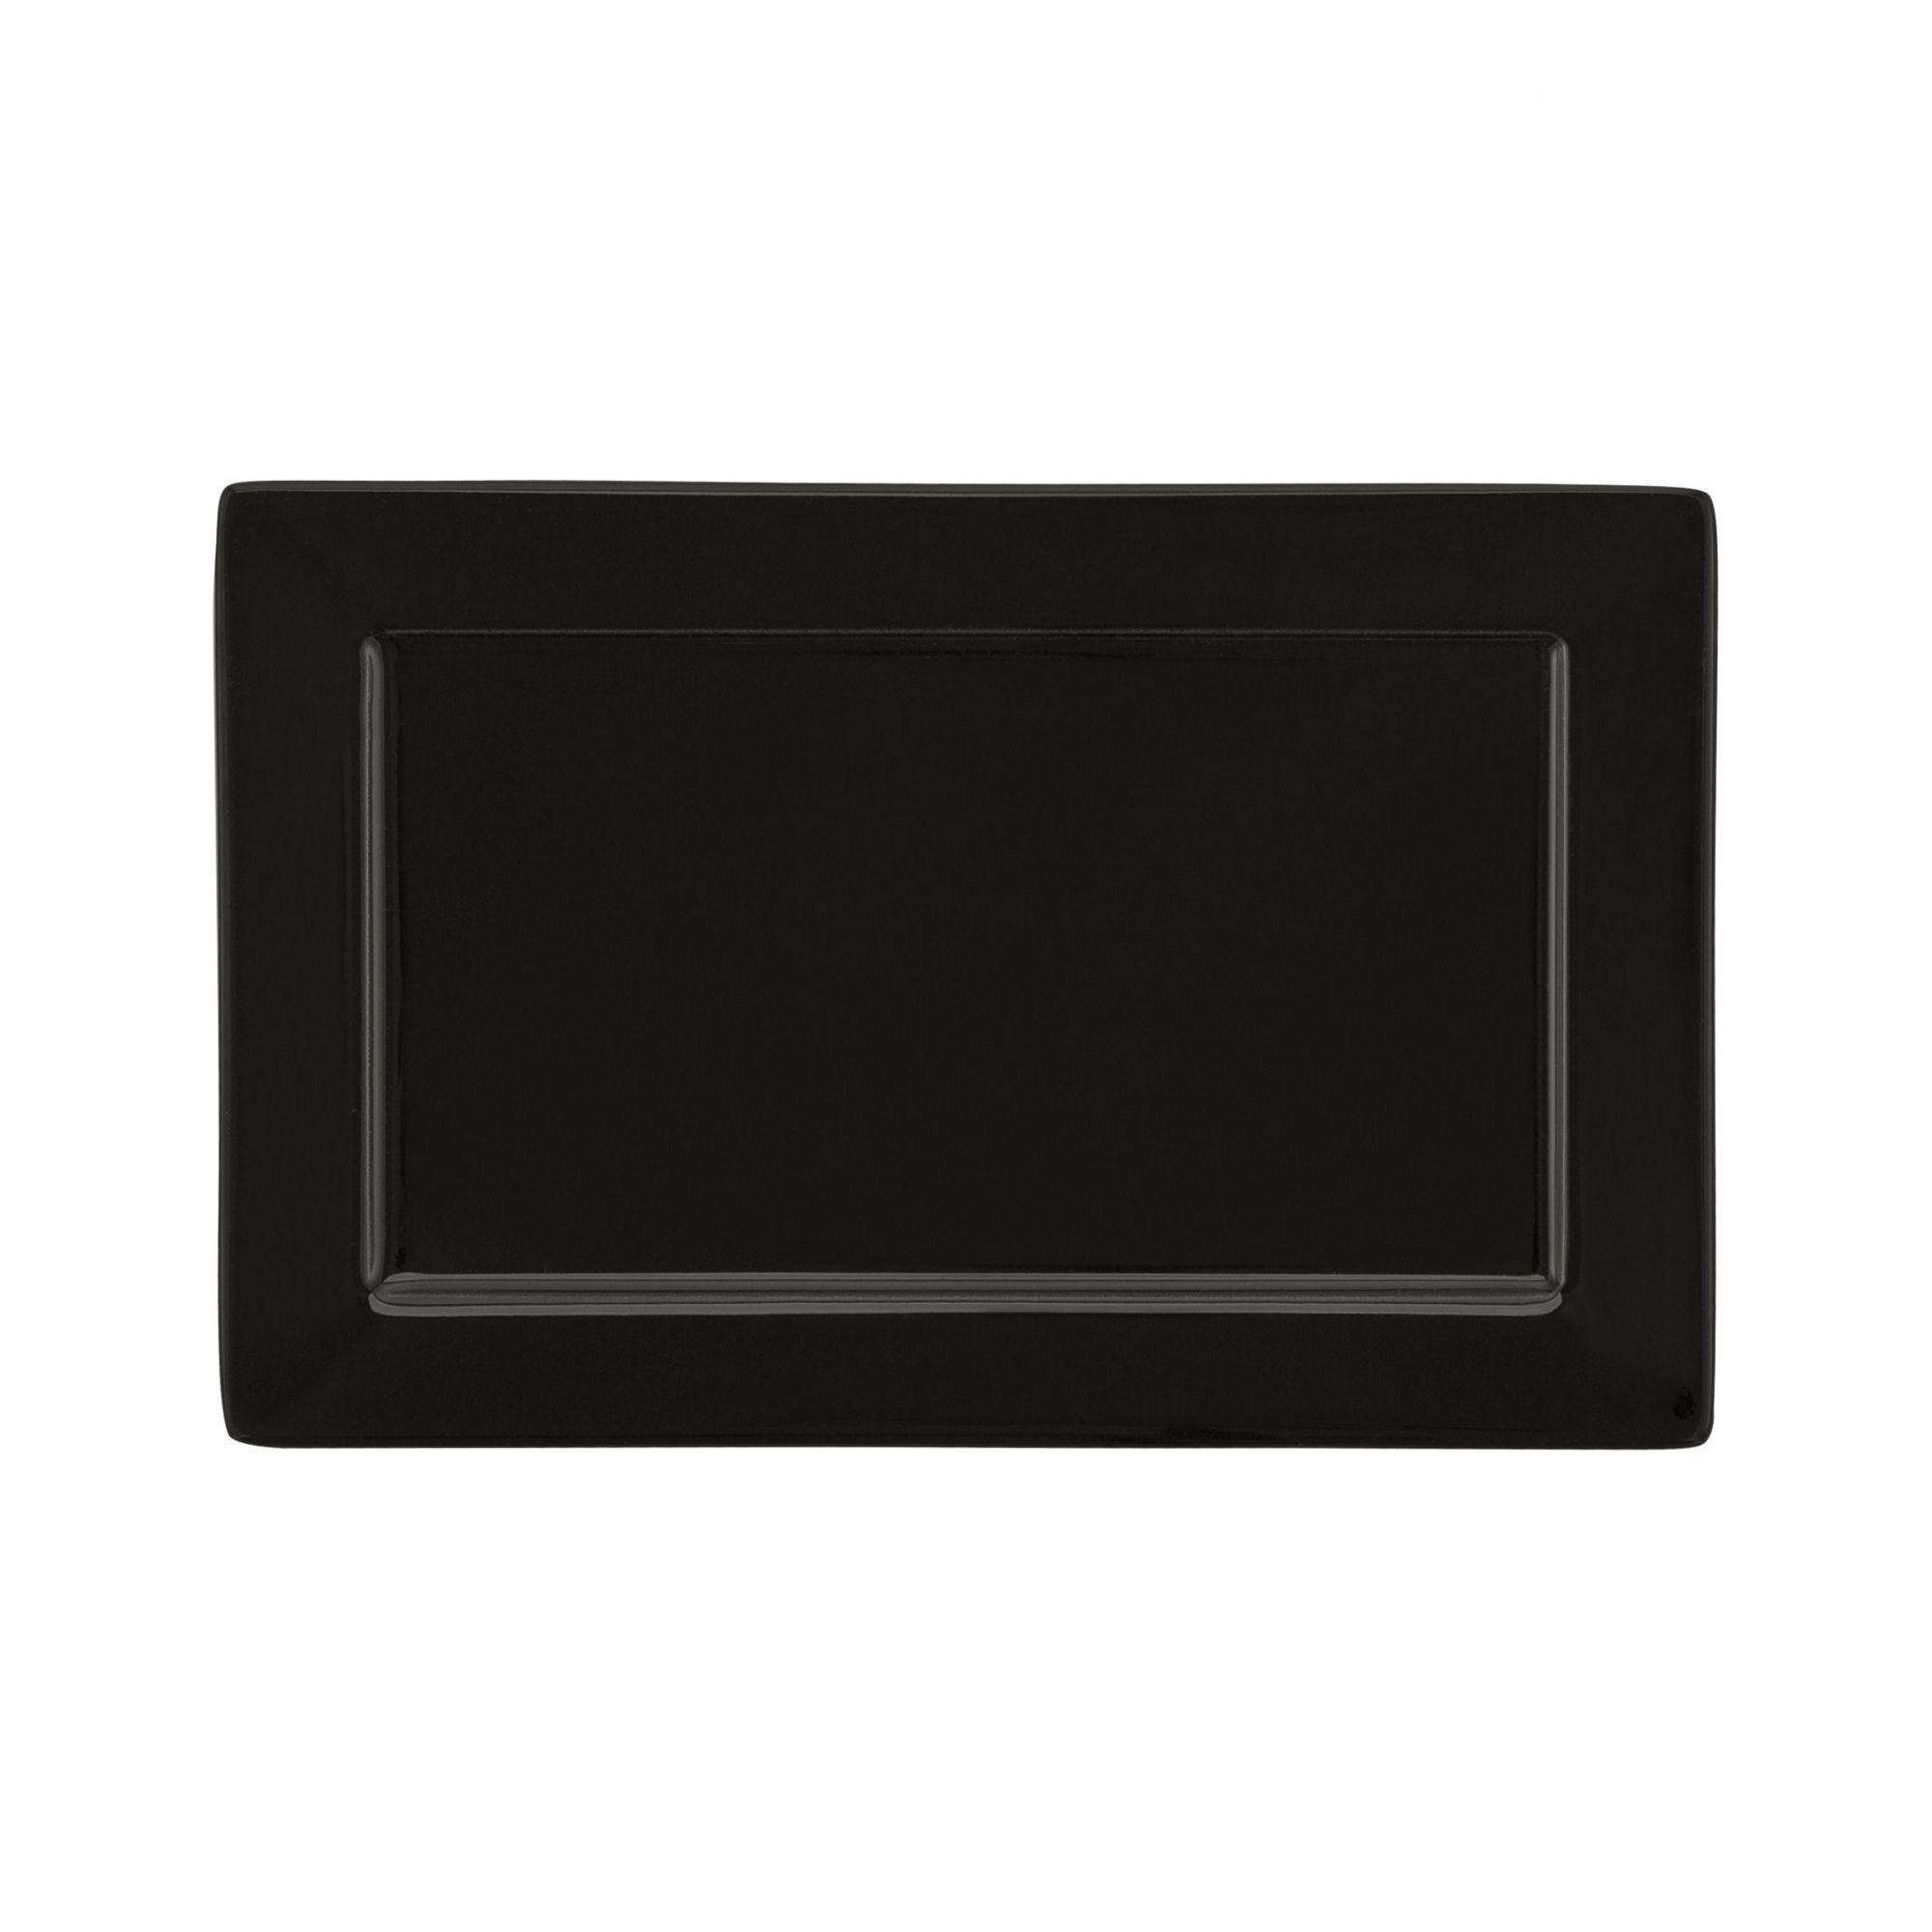 Prato Sobremesa 25x16 cm Plateau Black